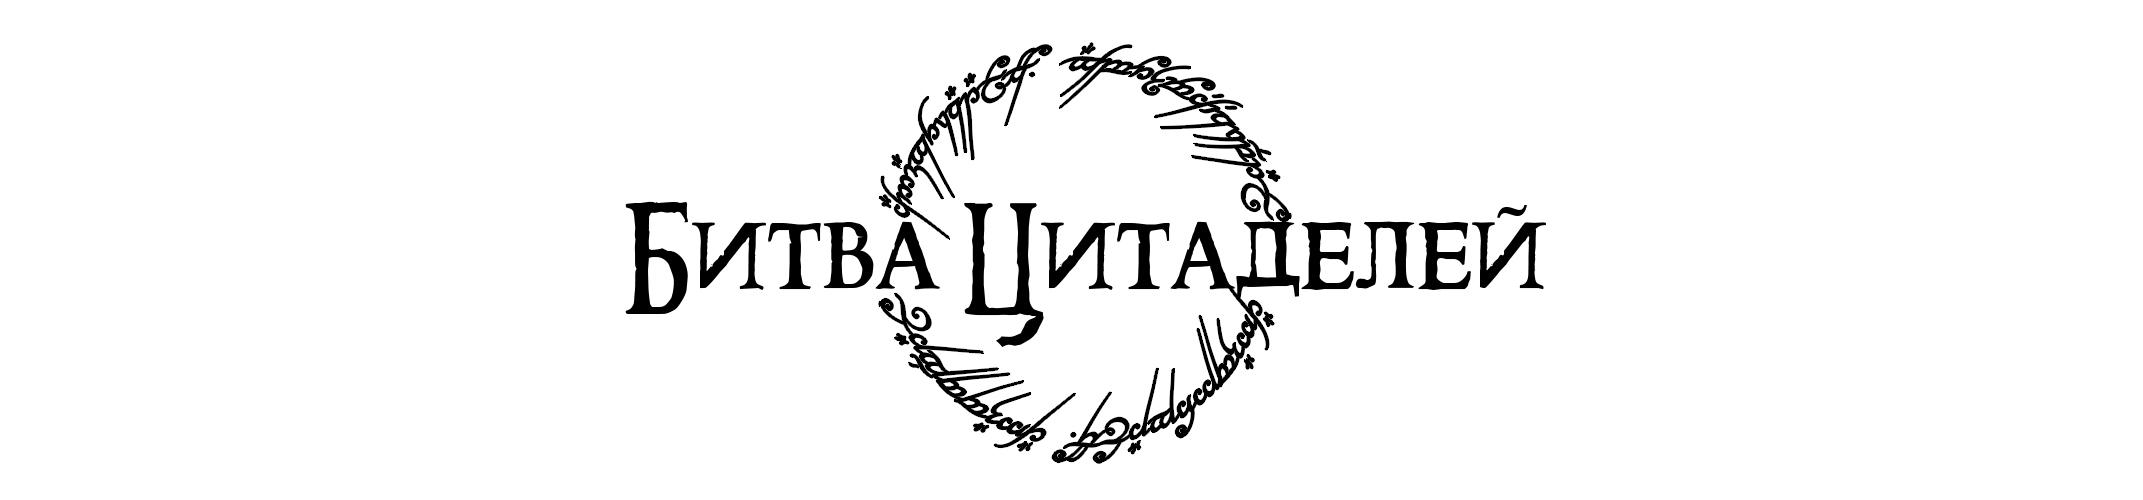 Ретроспективный обзор The Battle for Middle-Earth II | Битва за Средиземье 2. - Изображение 10